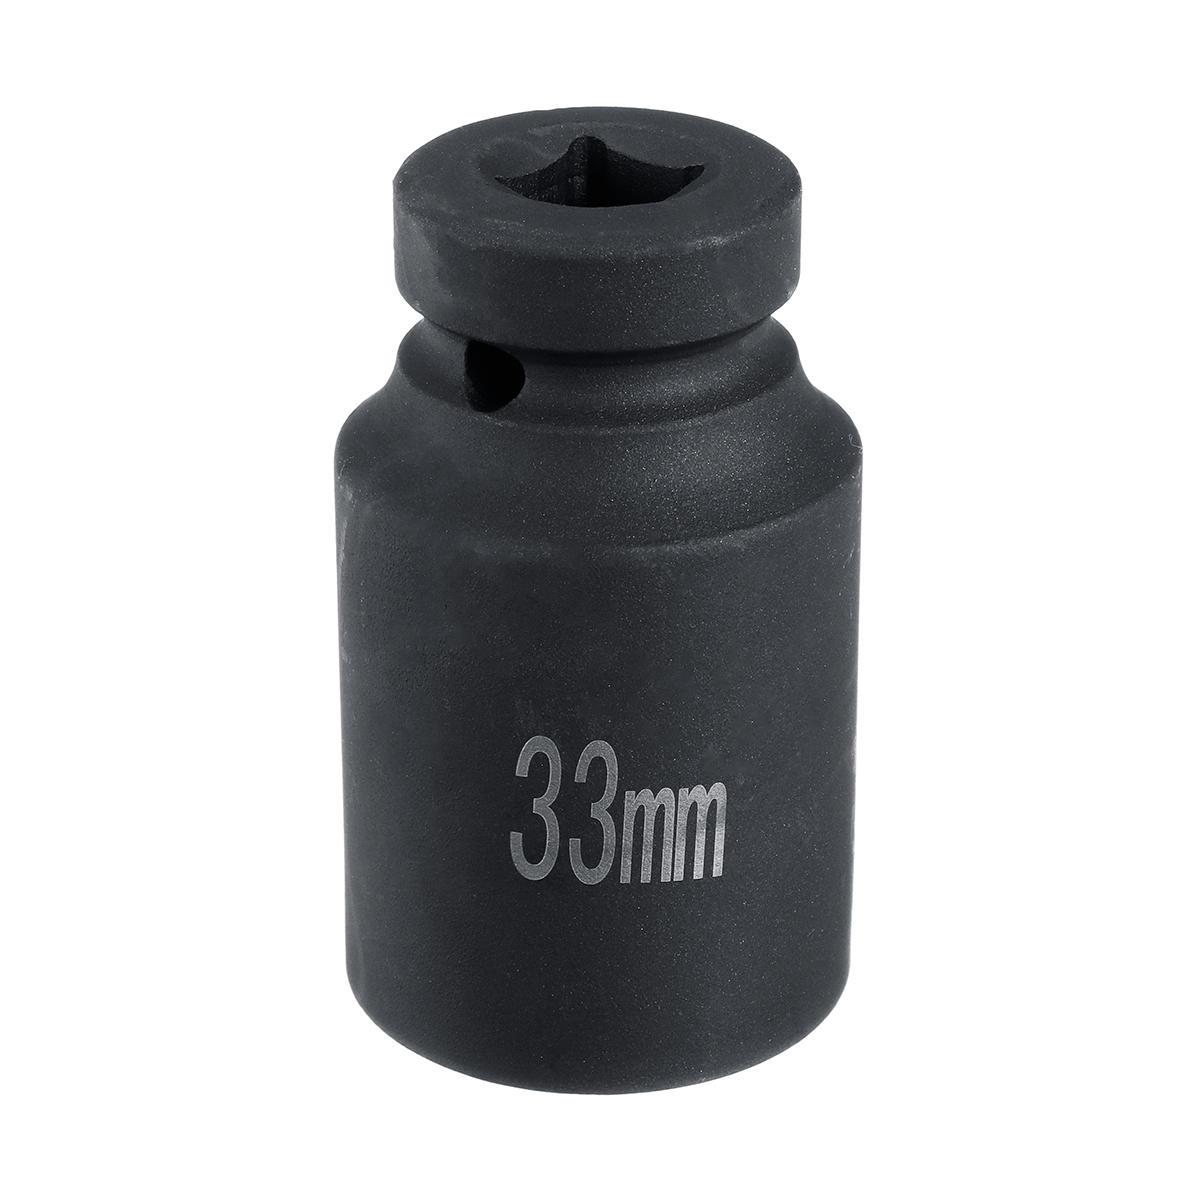 डीप इम्पैक्ट सॉकेट 1/2 इंच 33 मिमी एलॉय स्टील ब्लैक रिपेयर टूल